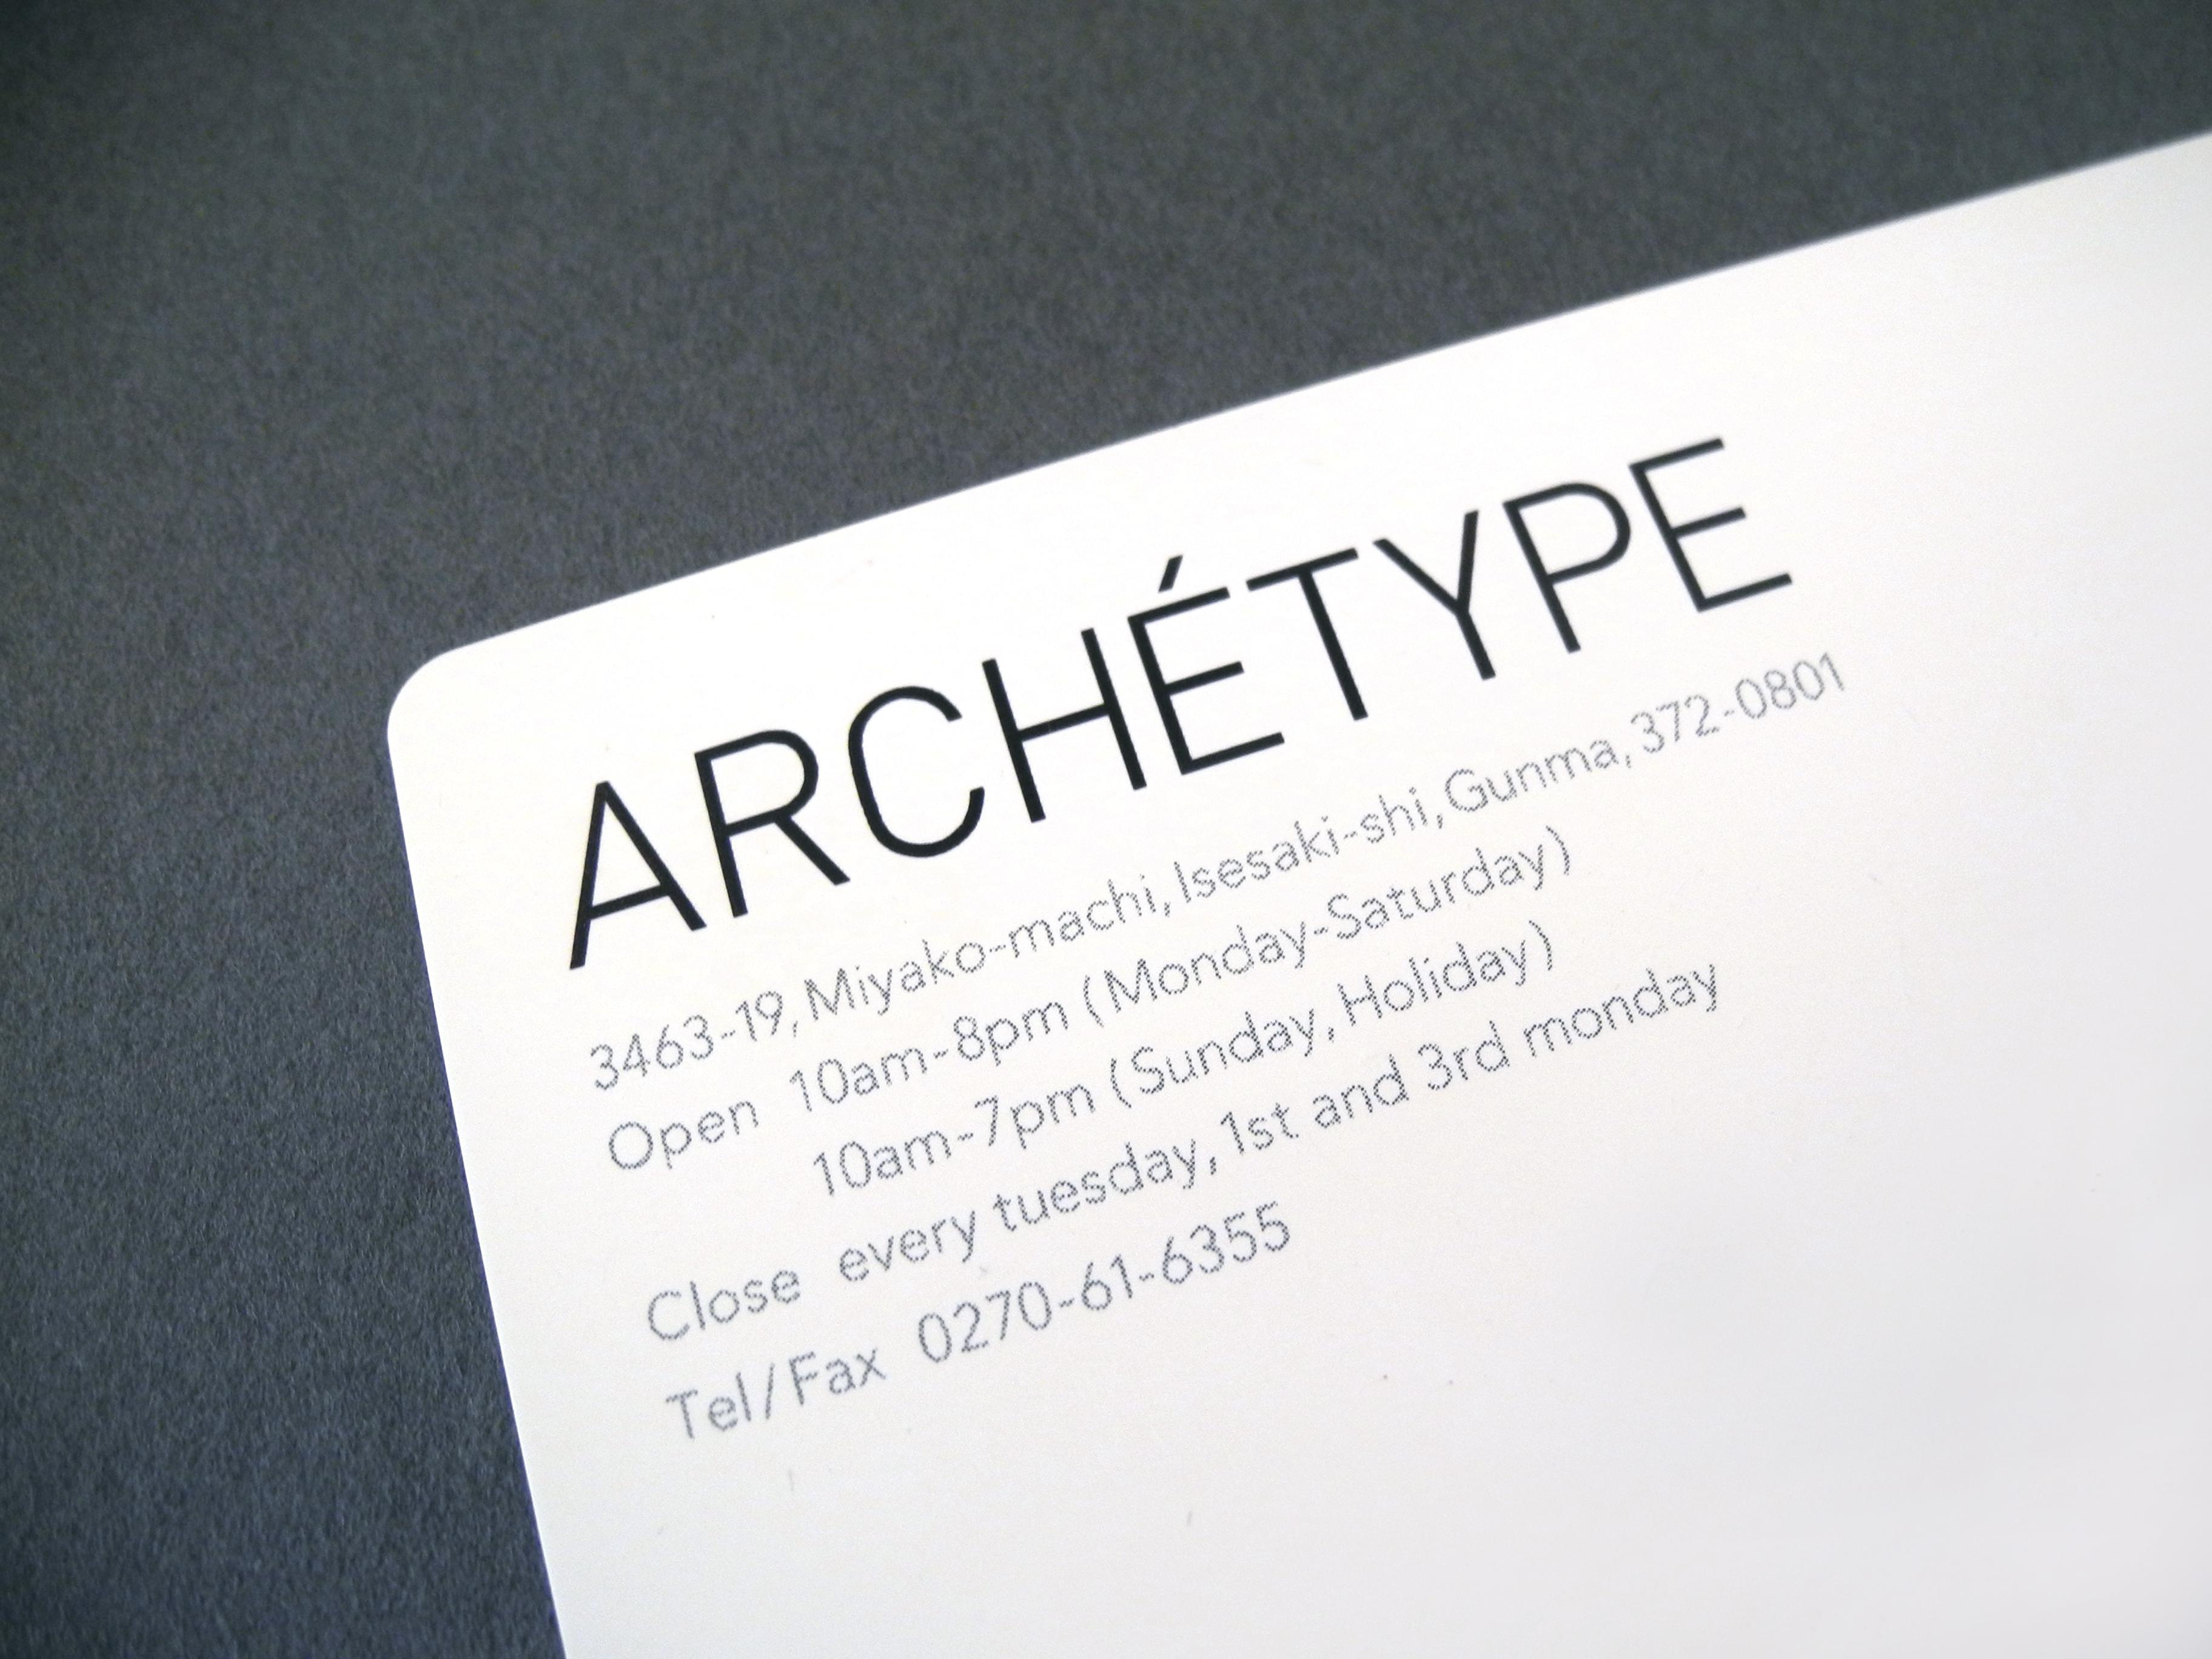 ARCHETYPEショップカード